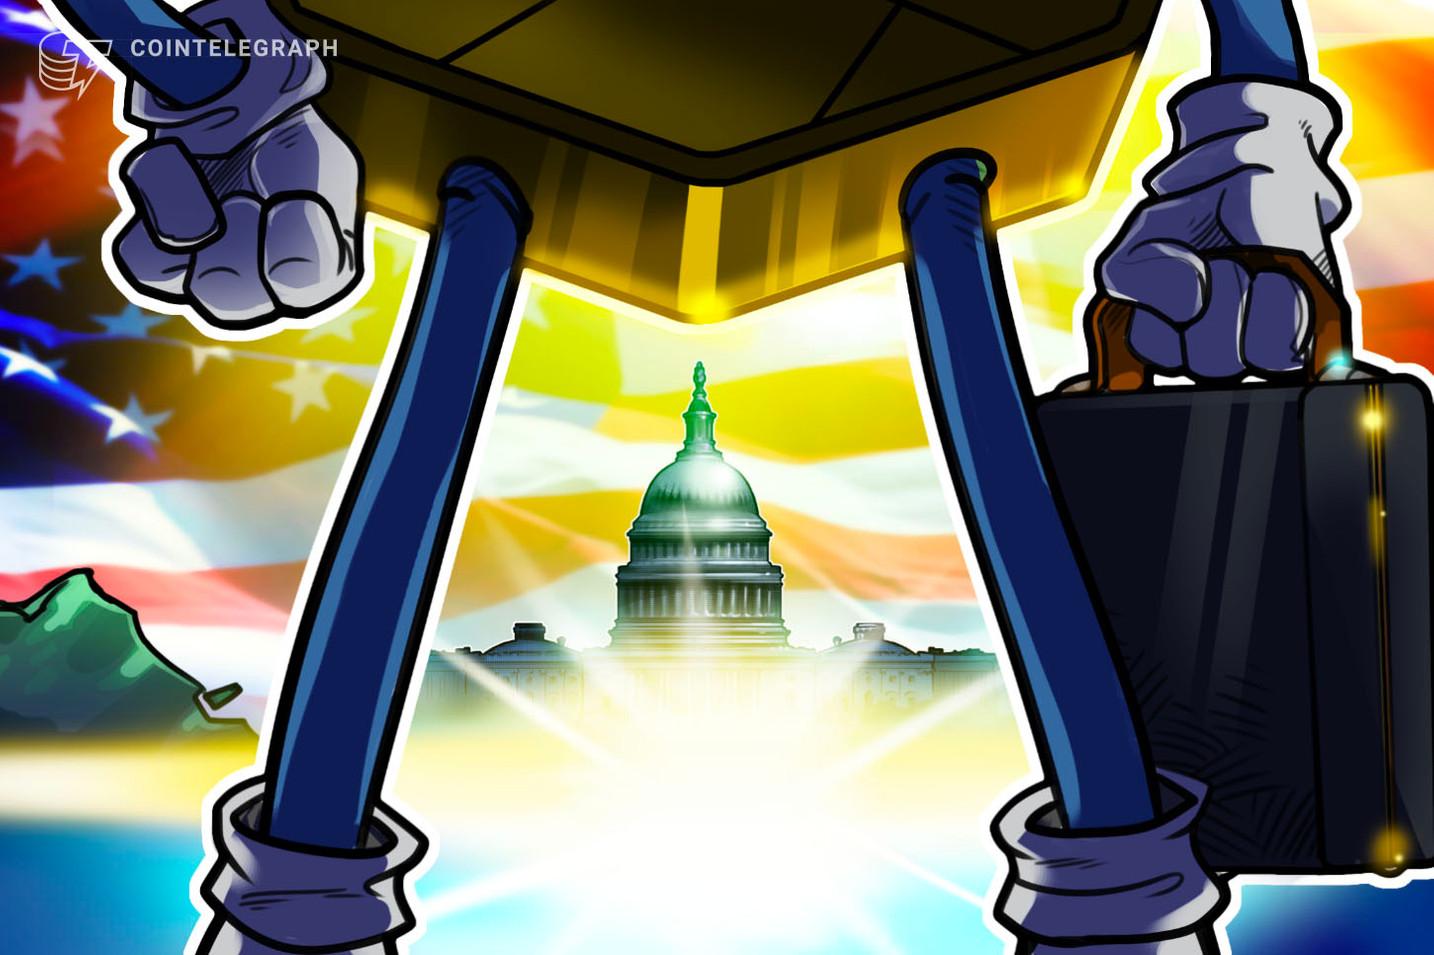 米元議員、不透明な仮想通貨規制に苦言 リップルCEOに同意